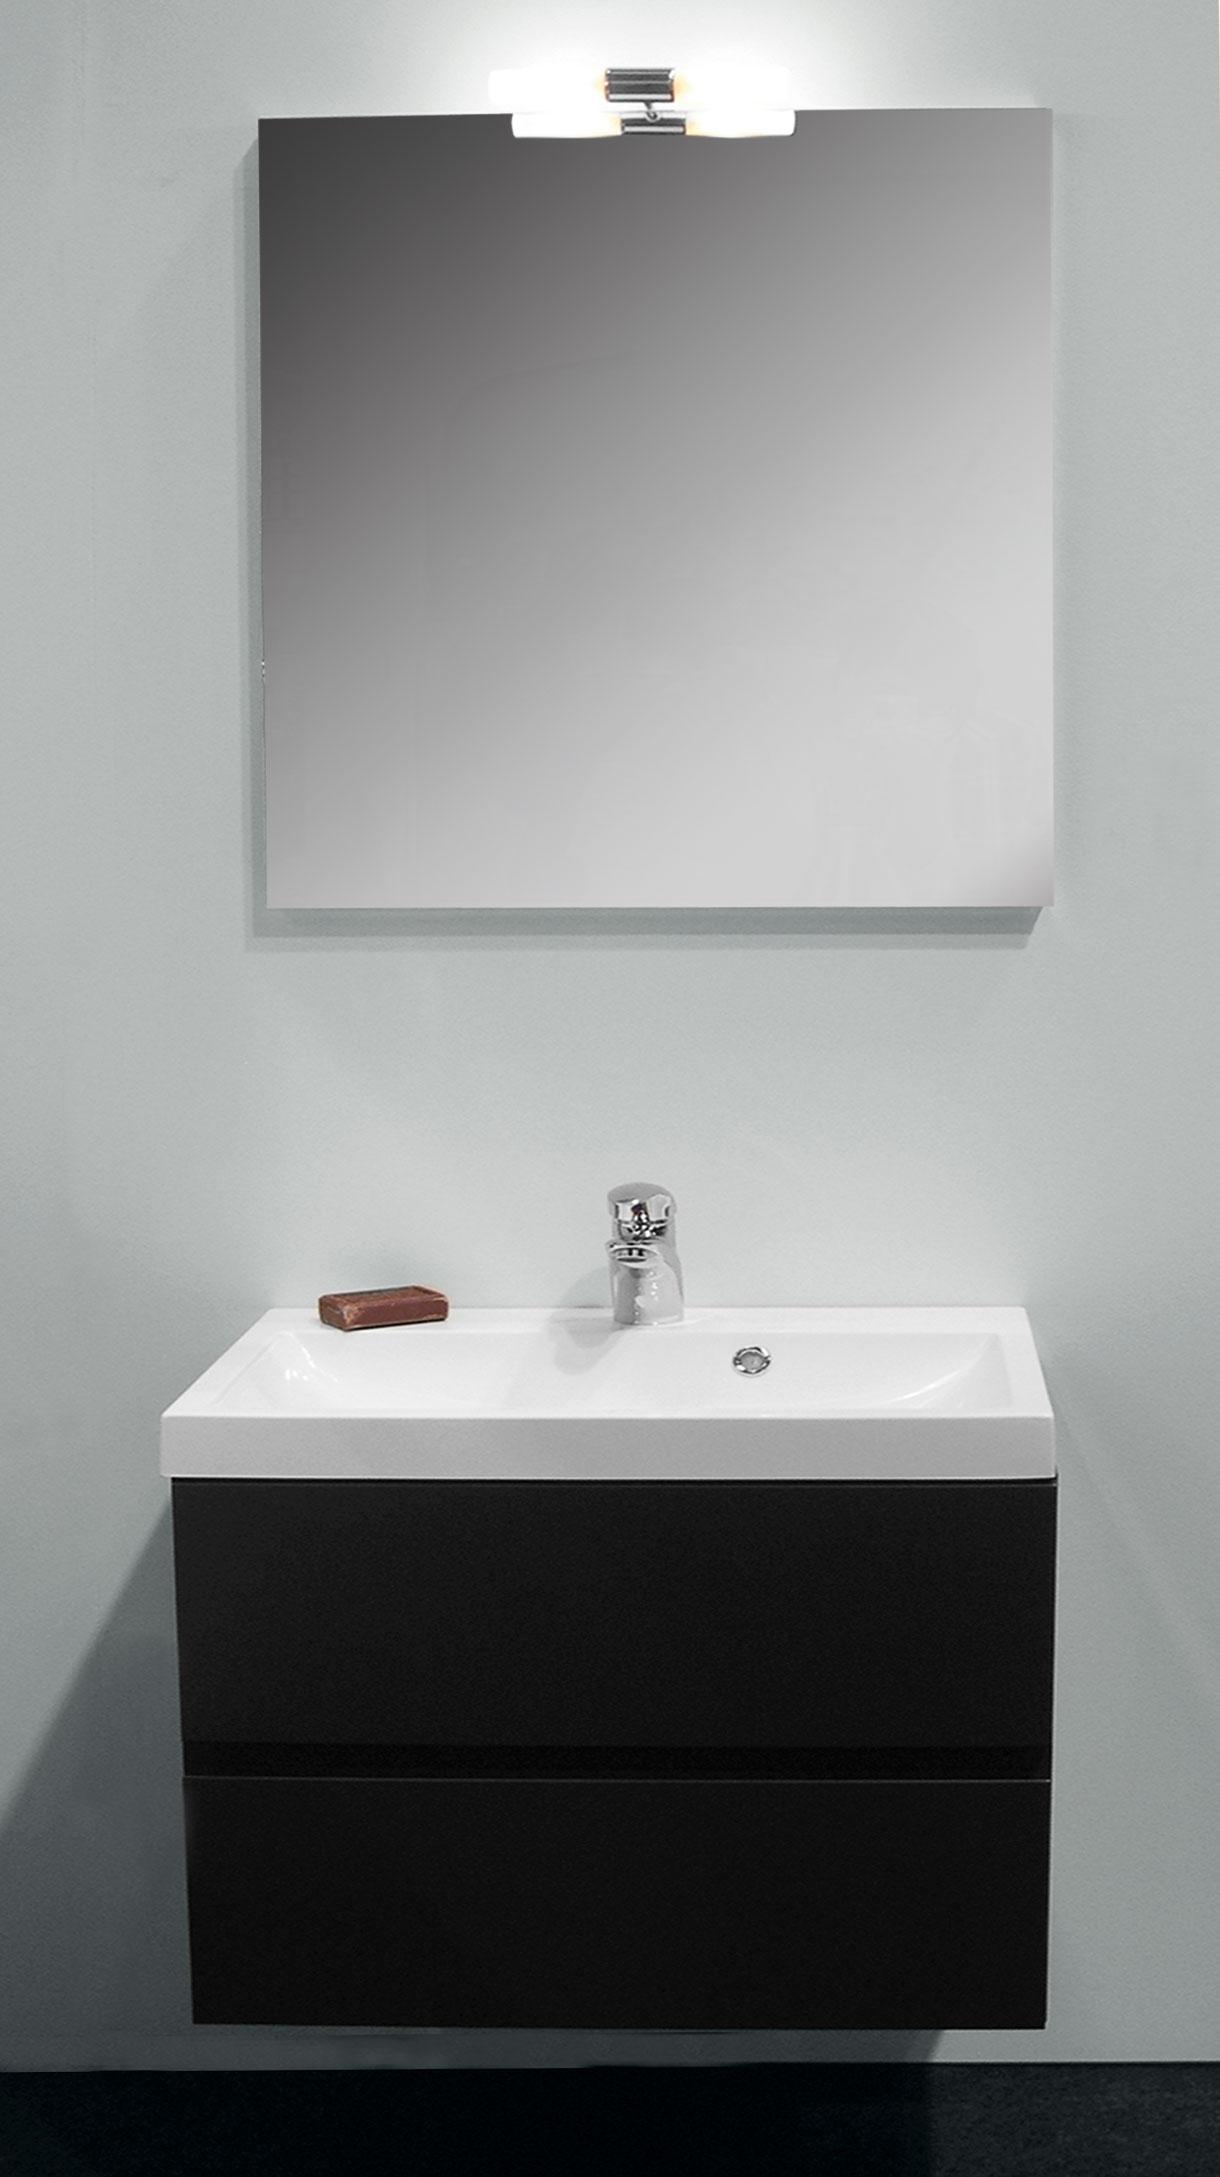 Tablette Salle De Bain 80 Cm ensemble de salle bain roxanne 80 cm anthracite van marcke - mr.bricolage